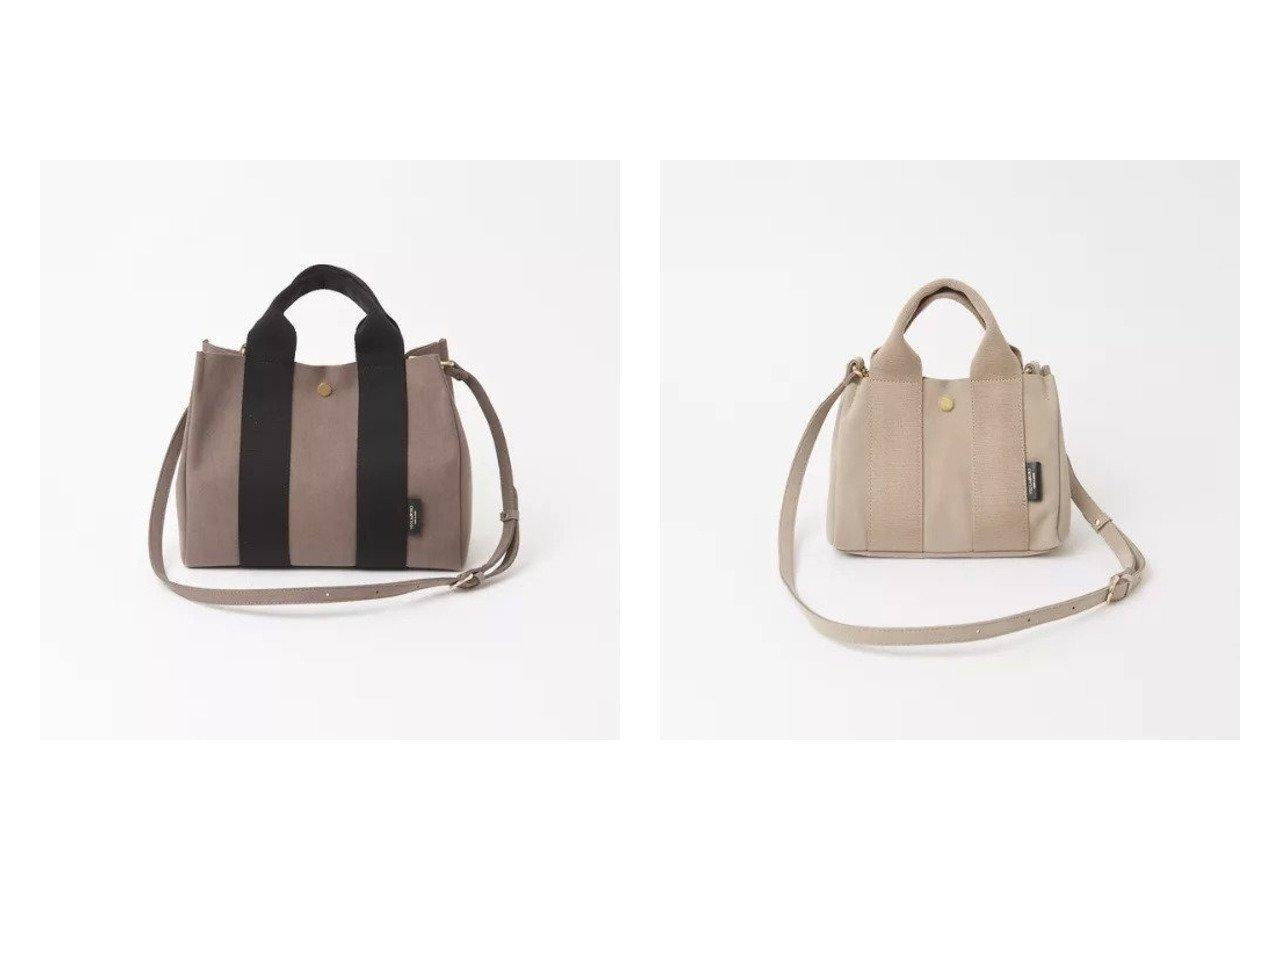 【qualite/カリテ】の【VIOLAd ORO】GINO2063 トートバッグ&【VIOLAd ORO】GINO2075 ミニトート 【バッグ・鞄】おすすめ!人気、トレンド・レディースファッションの通販  おすすめで人気の流行・トレンド、ファッションの通販商品 メンズファッション・キッズファッション・インテリア・家具・レディースファッション・服の通販 founy(ファニー) https://founy.com/ ファッション Fashion レディースファッション WOMEN バッグ Bag 定番 Standard 日本製 Made in Japan  ID:crp329100000026337